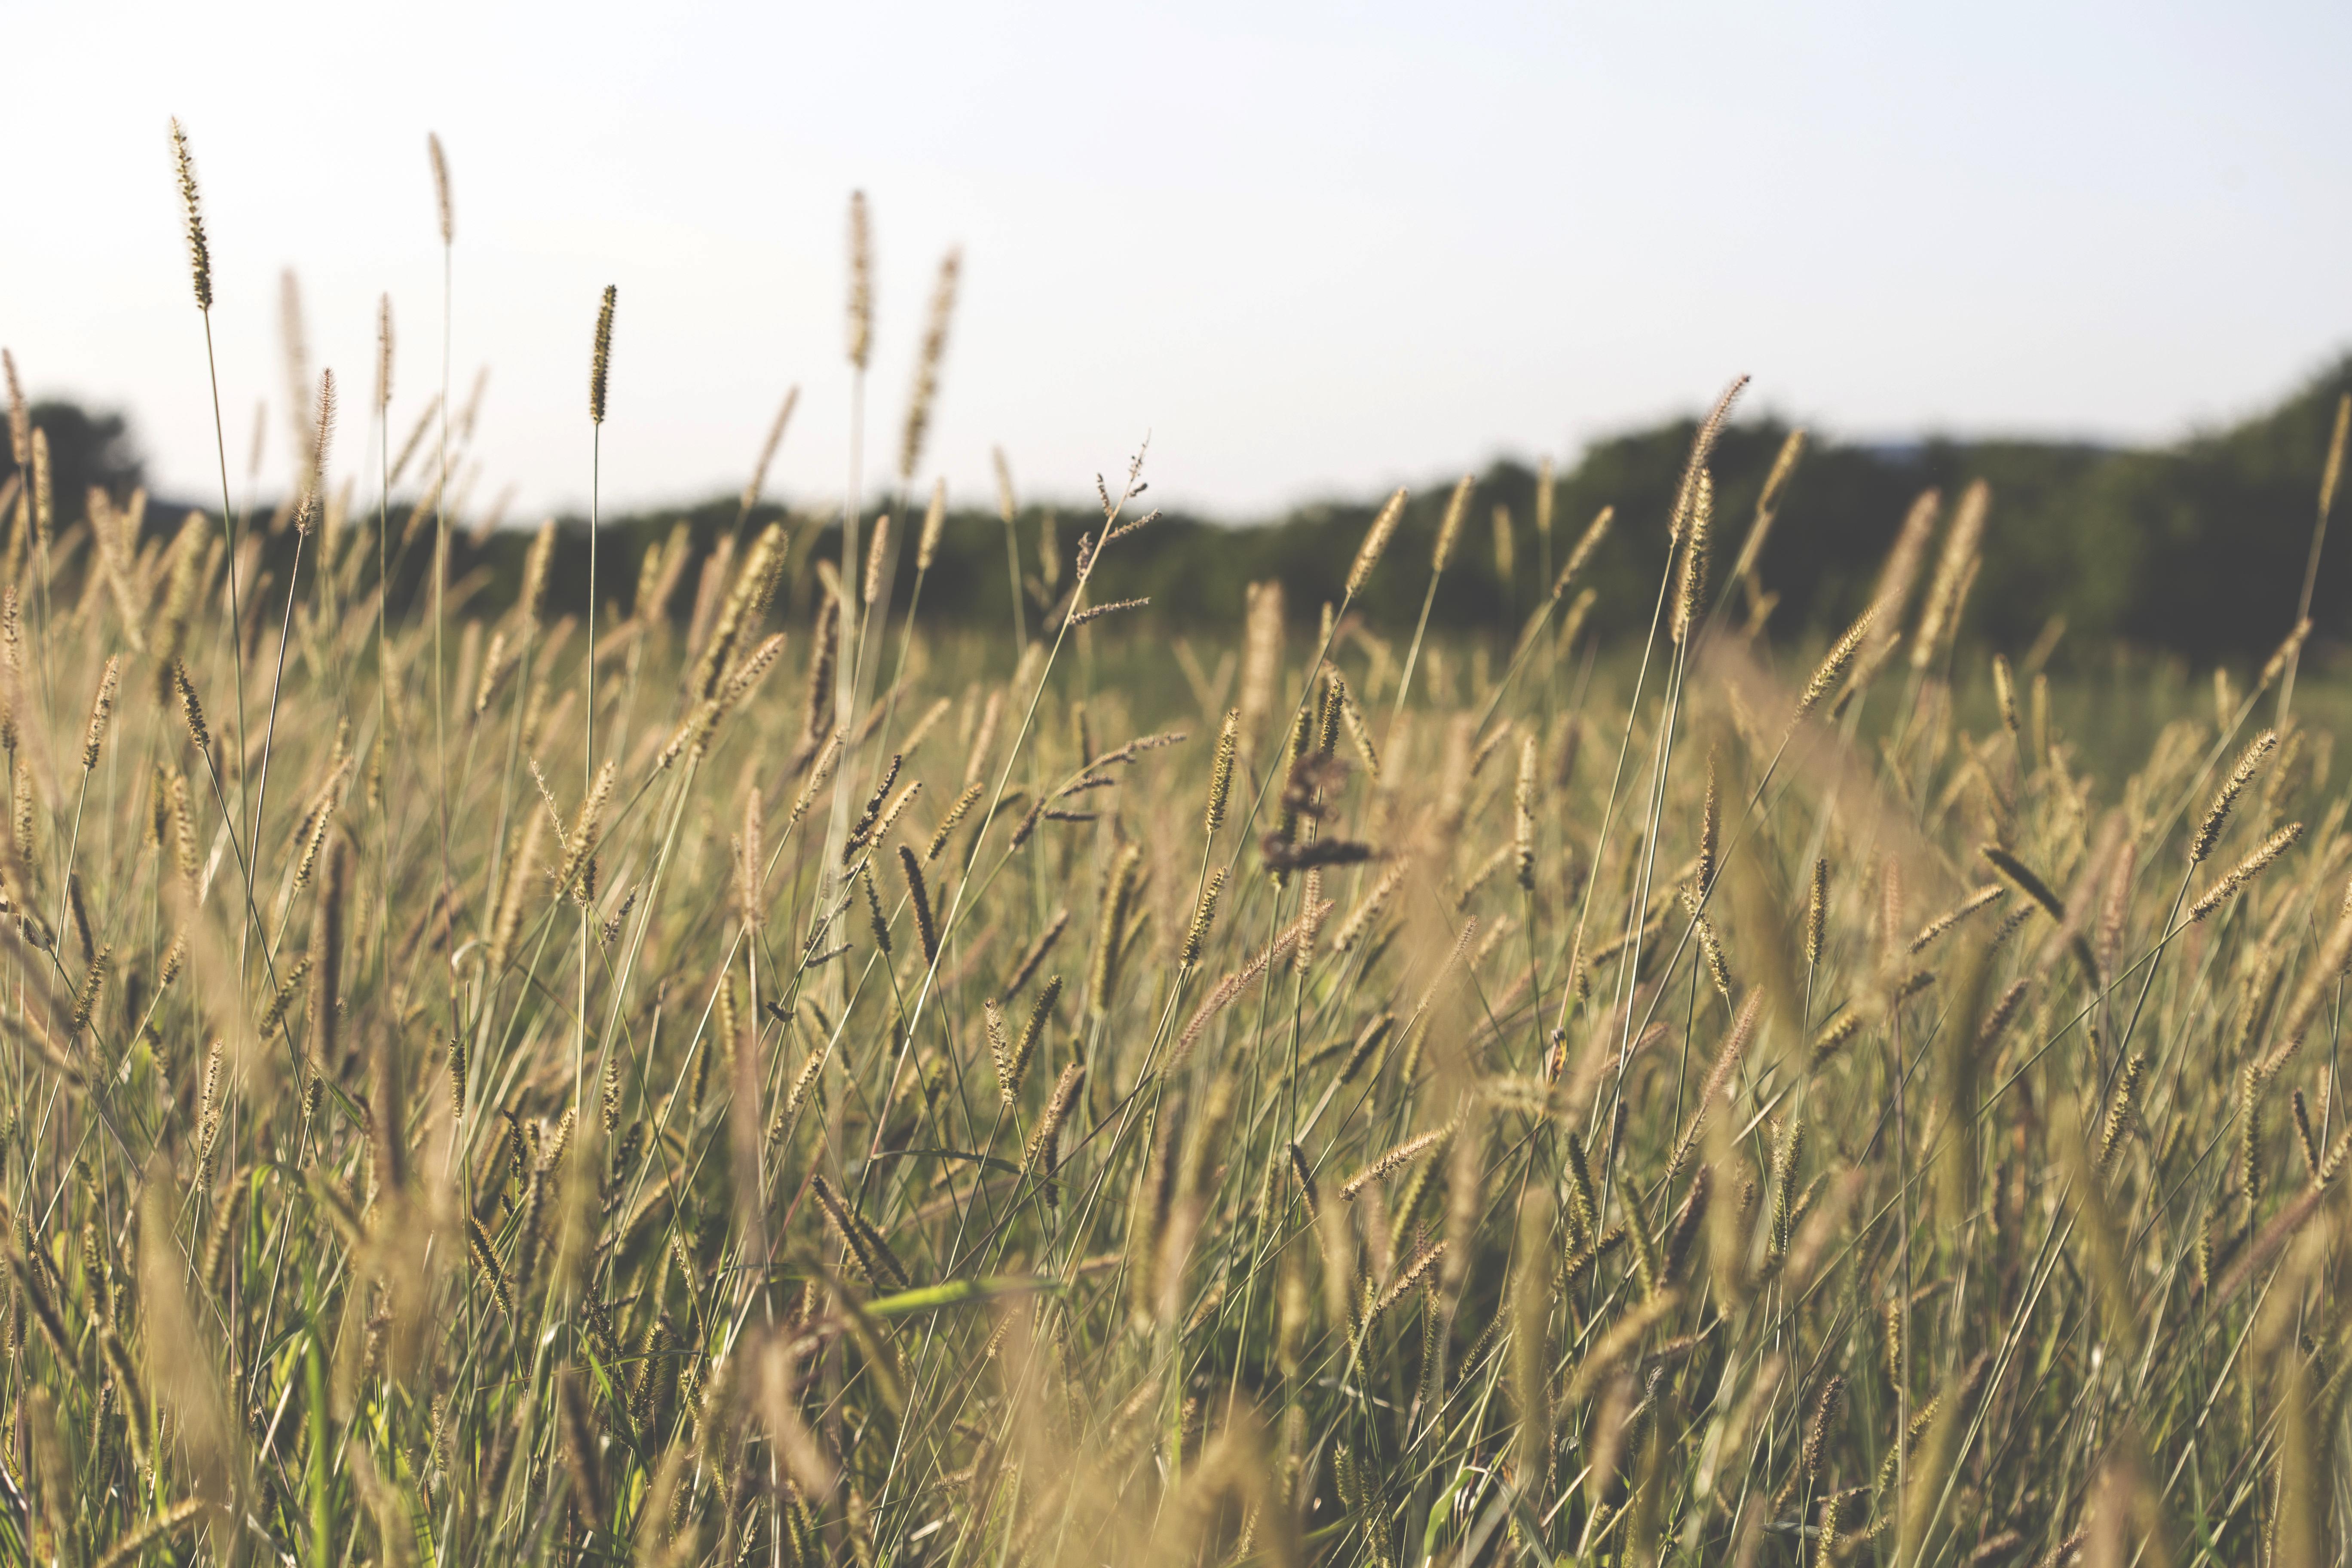 Wild Grass, Field, Grass, Green, Nature, HQ Photo